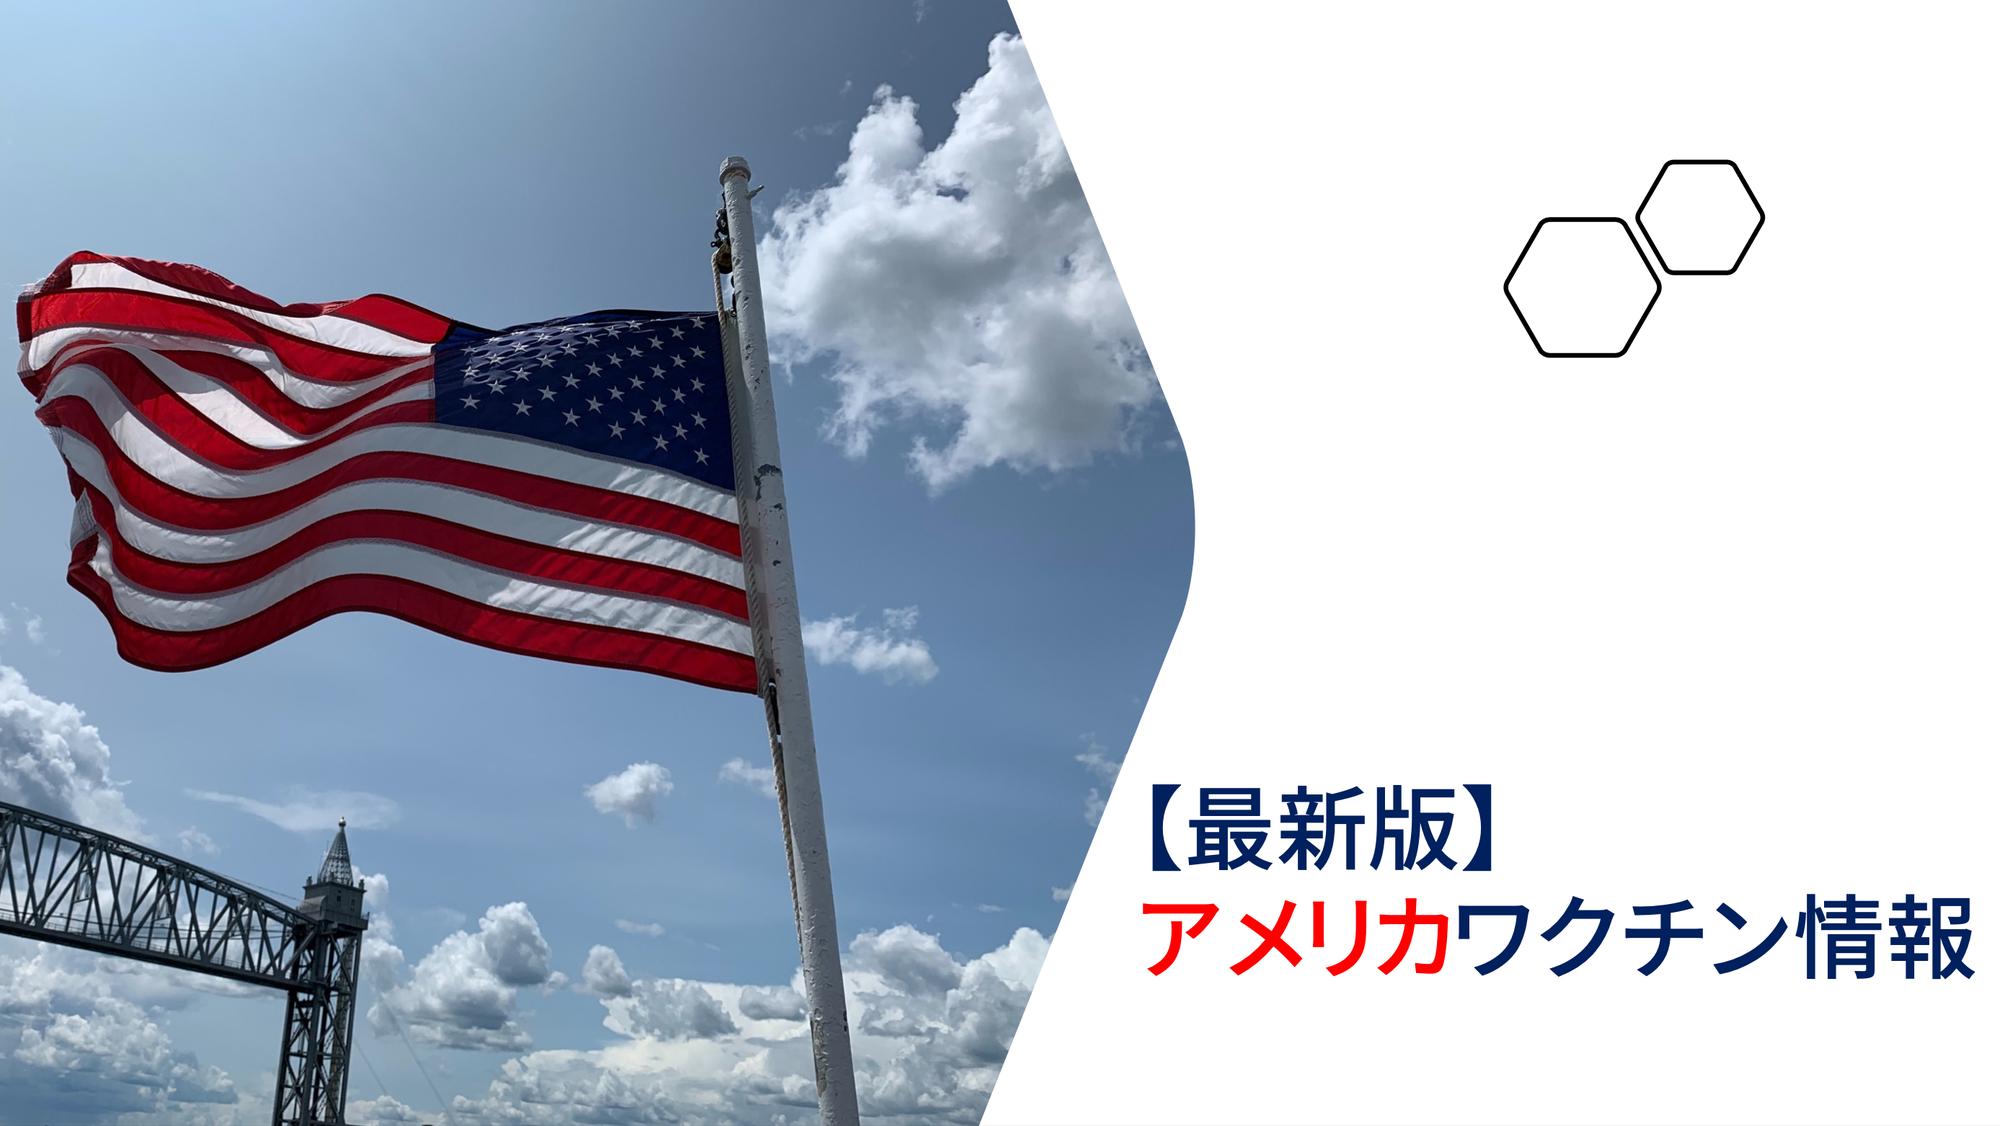 【2021年10月】アメリカCOVID-19ワクチン情報